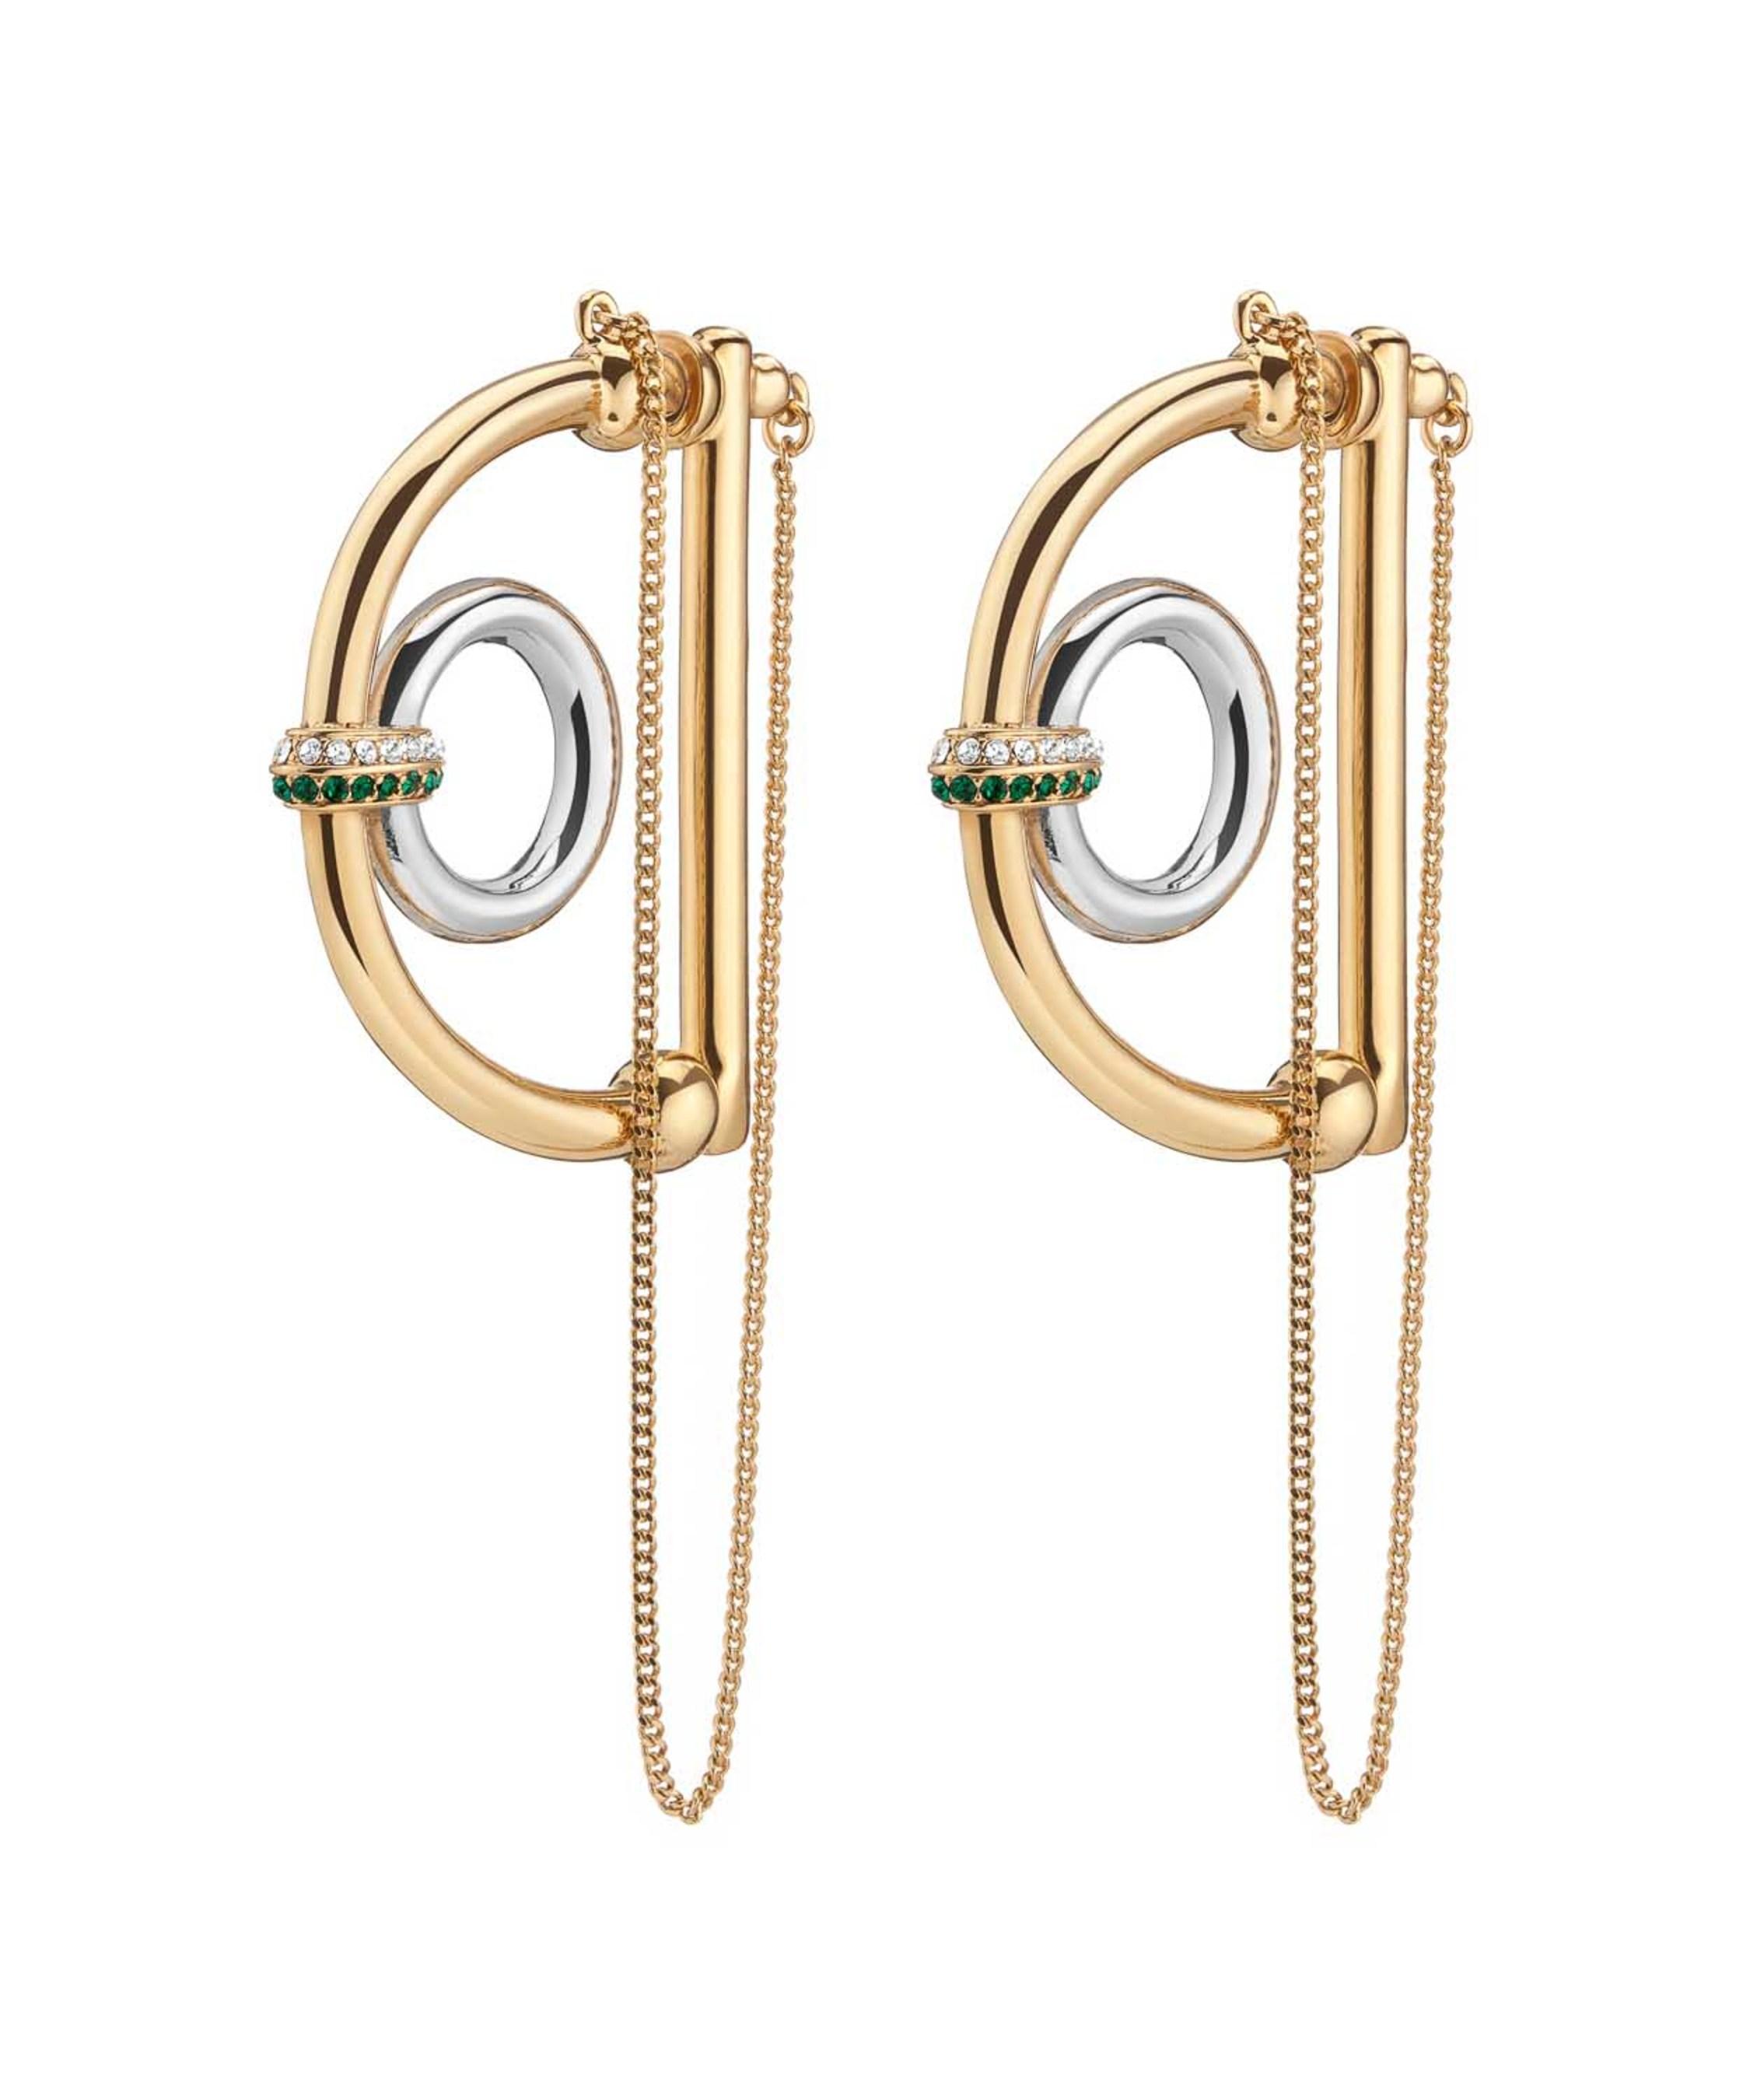 Dema D Hoop Earrings